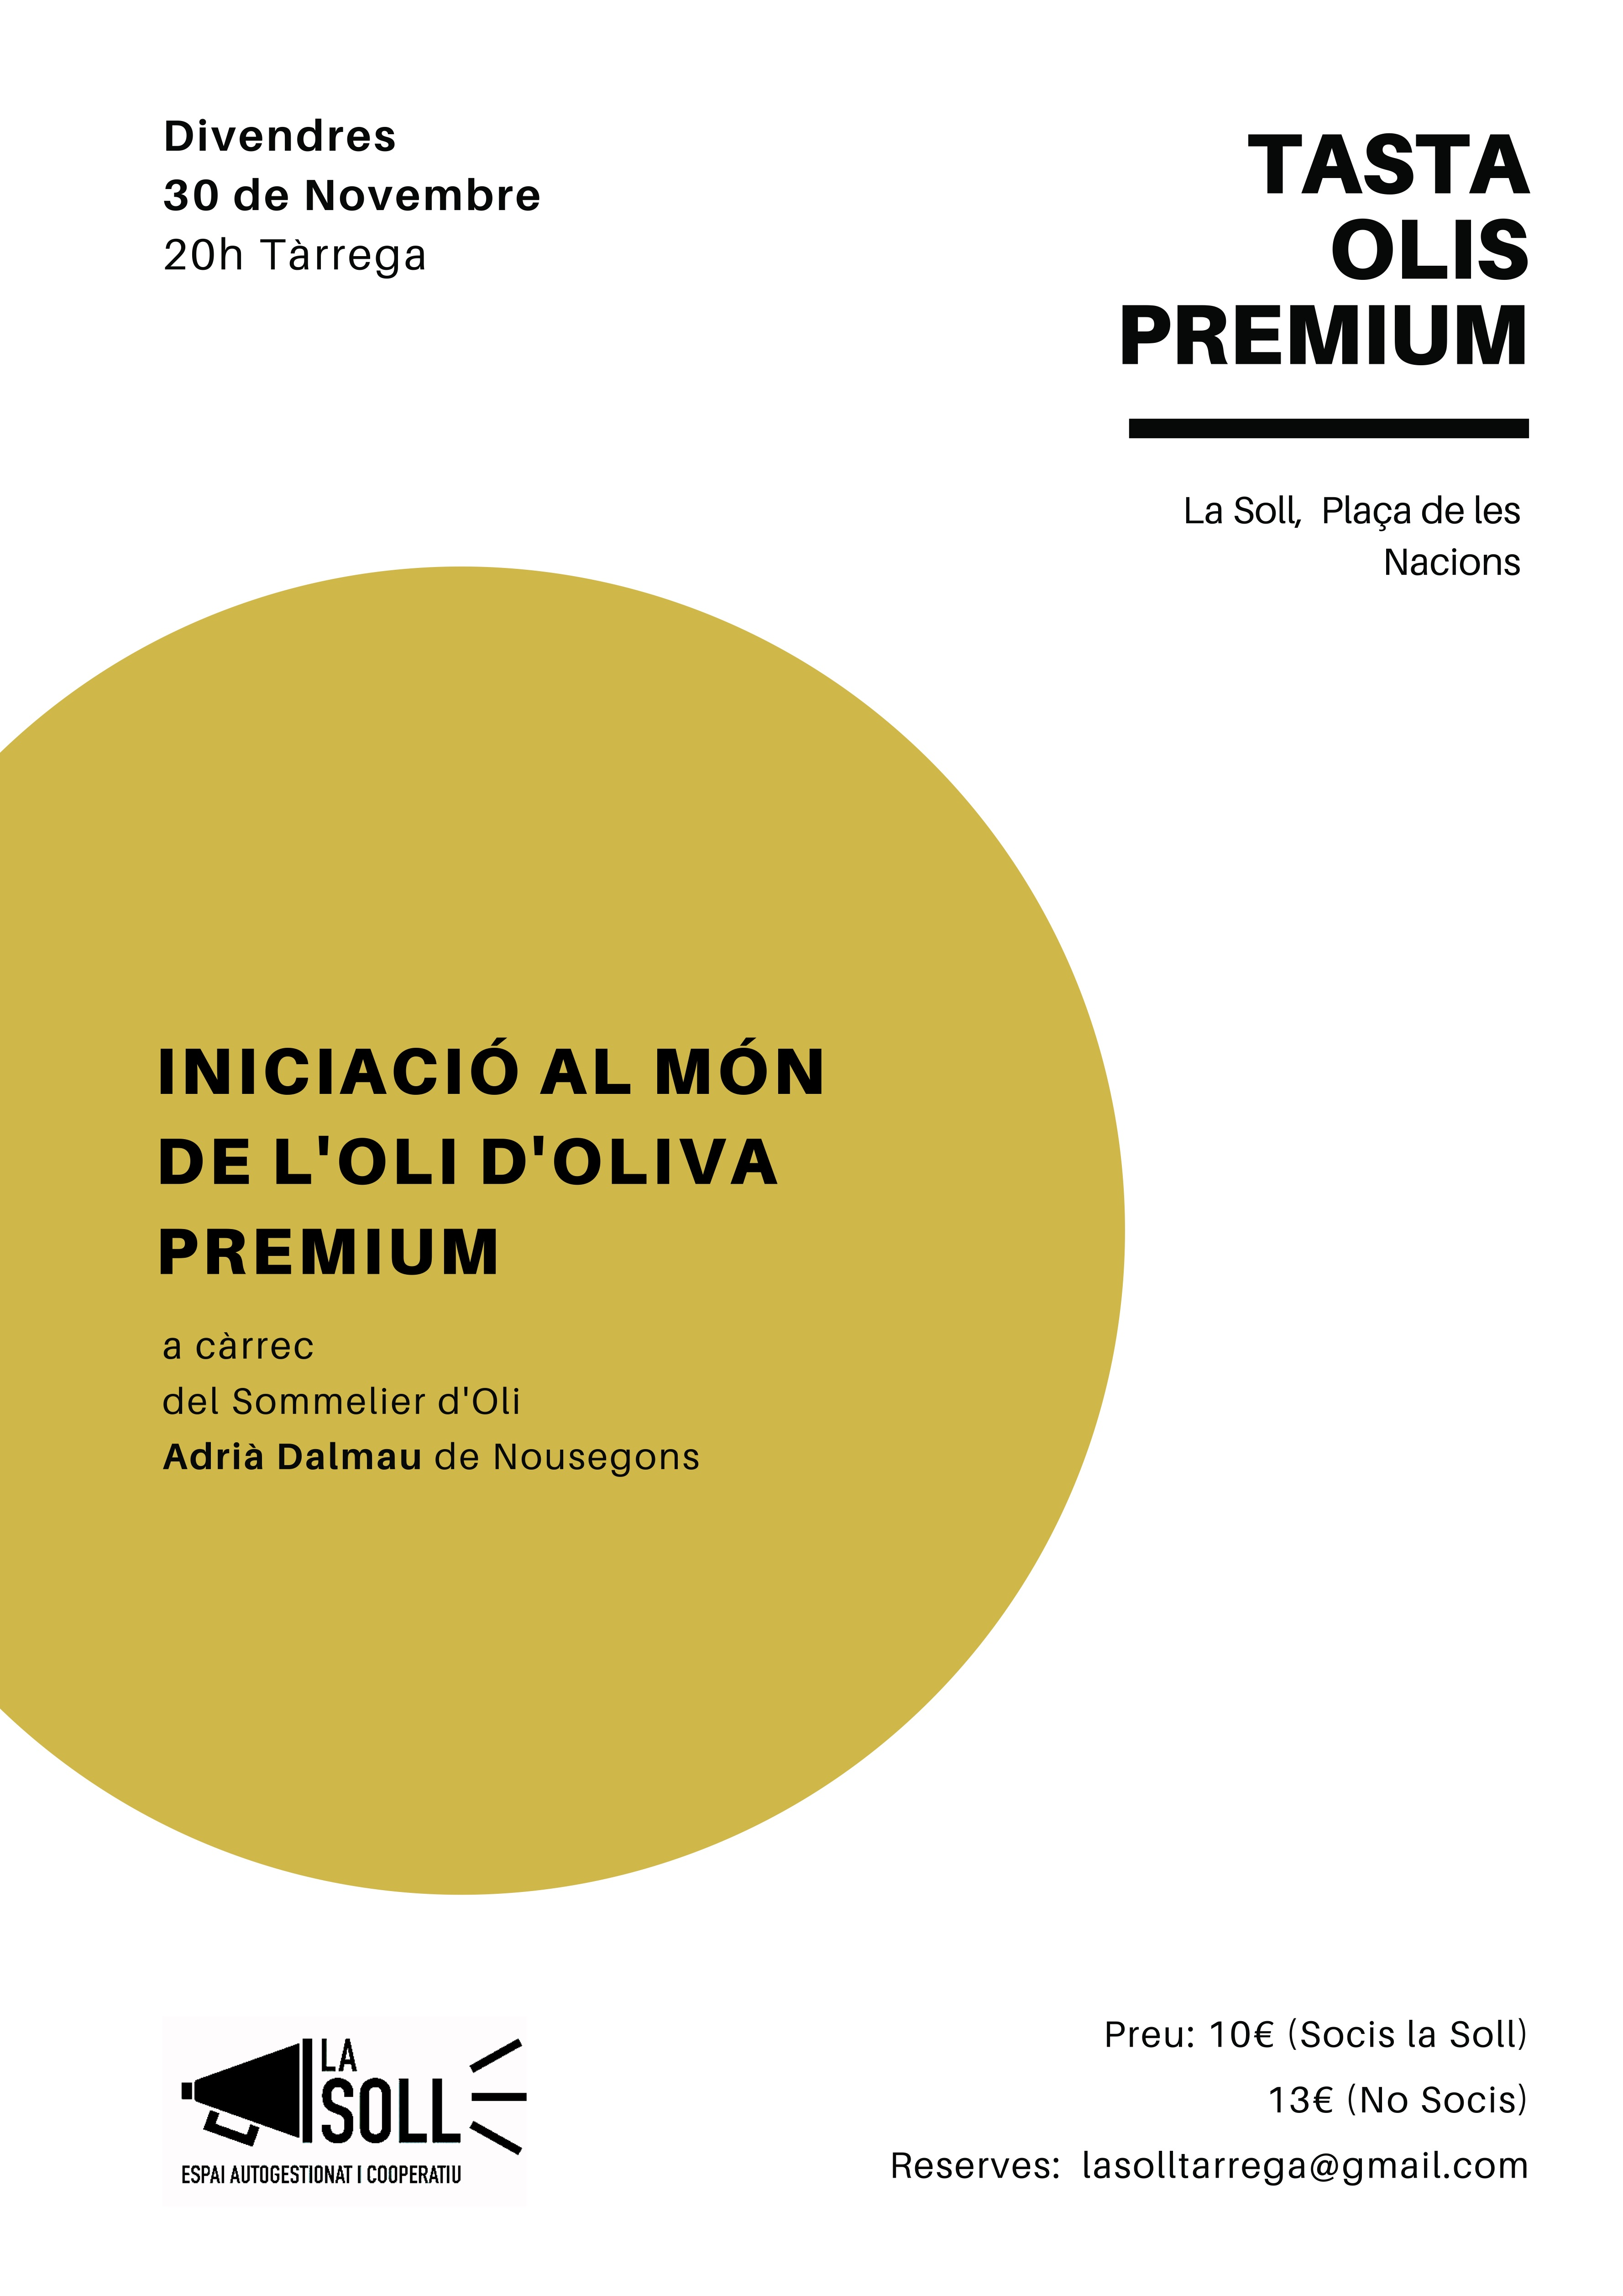 La Soll realitzarà un TastaOlis Premium per inciar-se en el món dels olis d'olives el divendres 30 de novembre a les 20 h